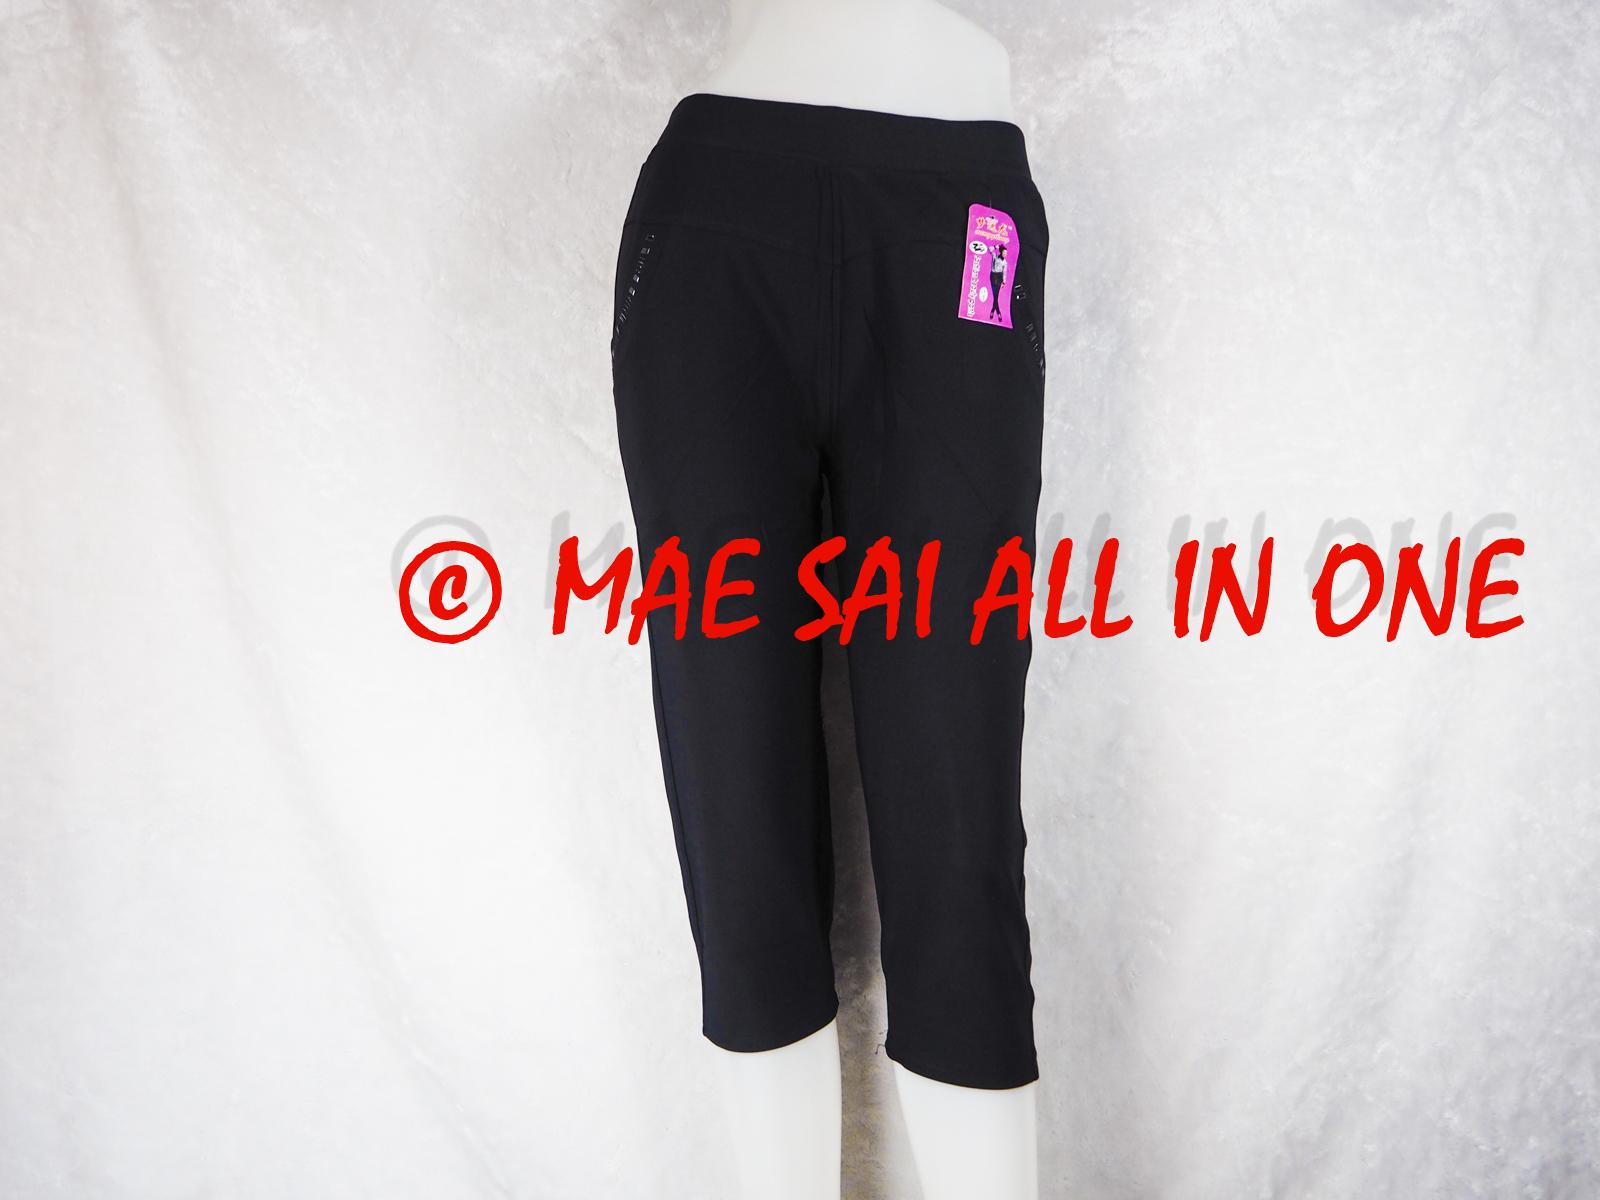 กางเกง ผู้หญิง ขาสั้น077#